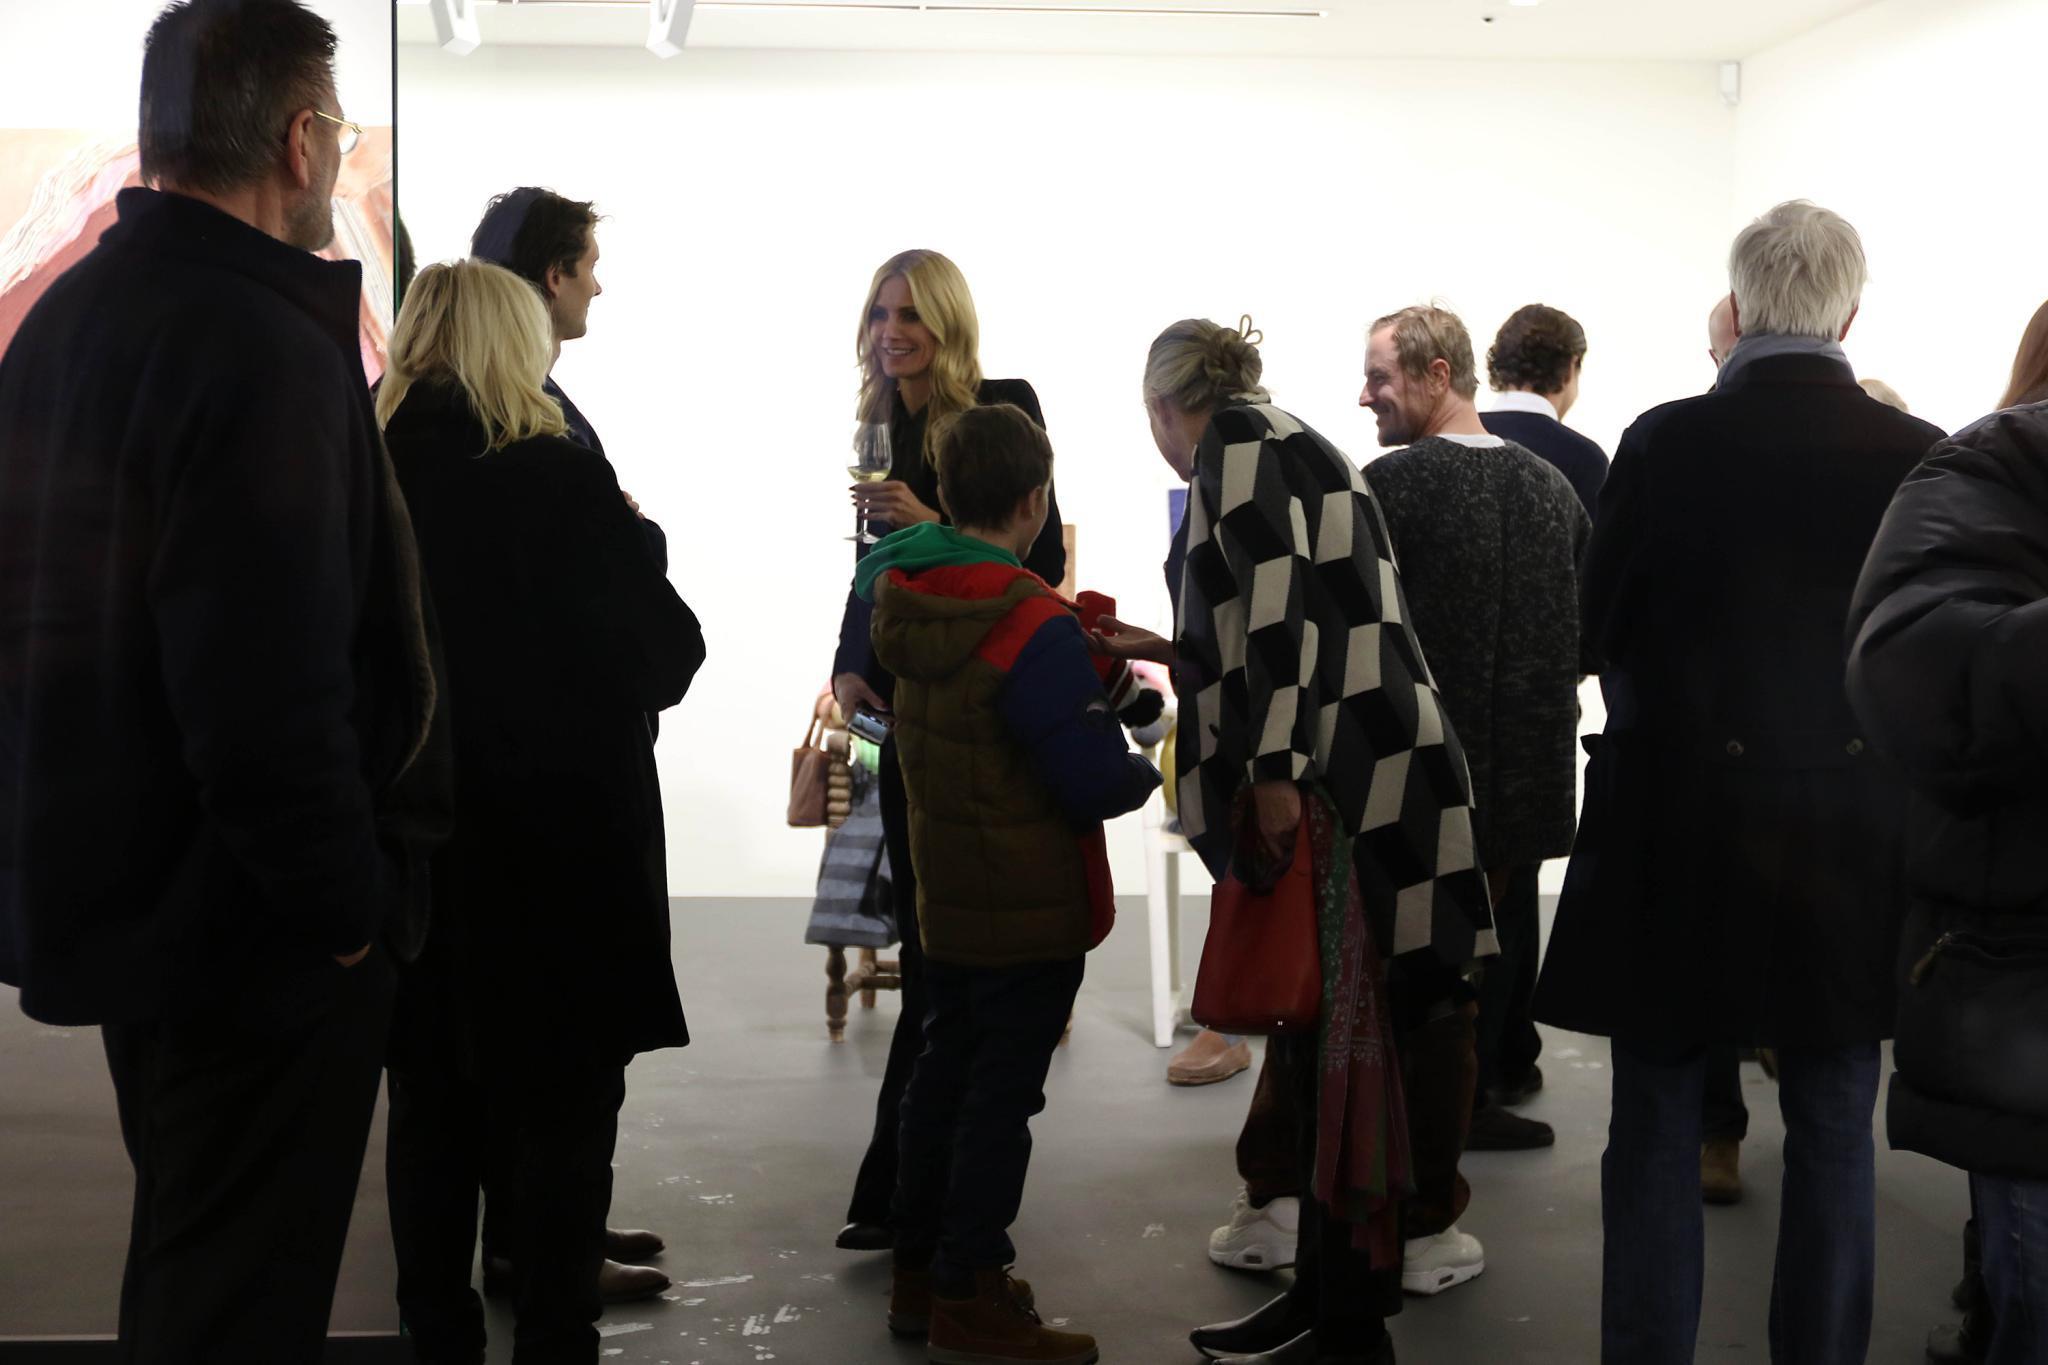 Heidi Klum plauderte mit den Gästen der Vernissage, darunter waren auch ihre Eltern.